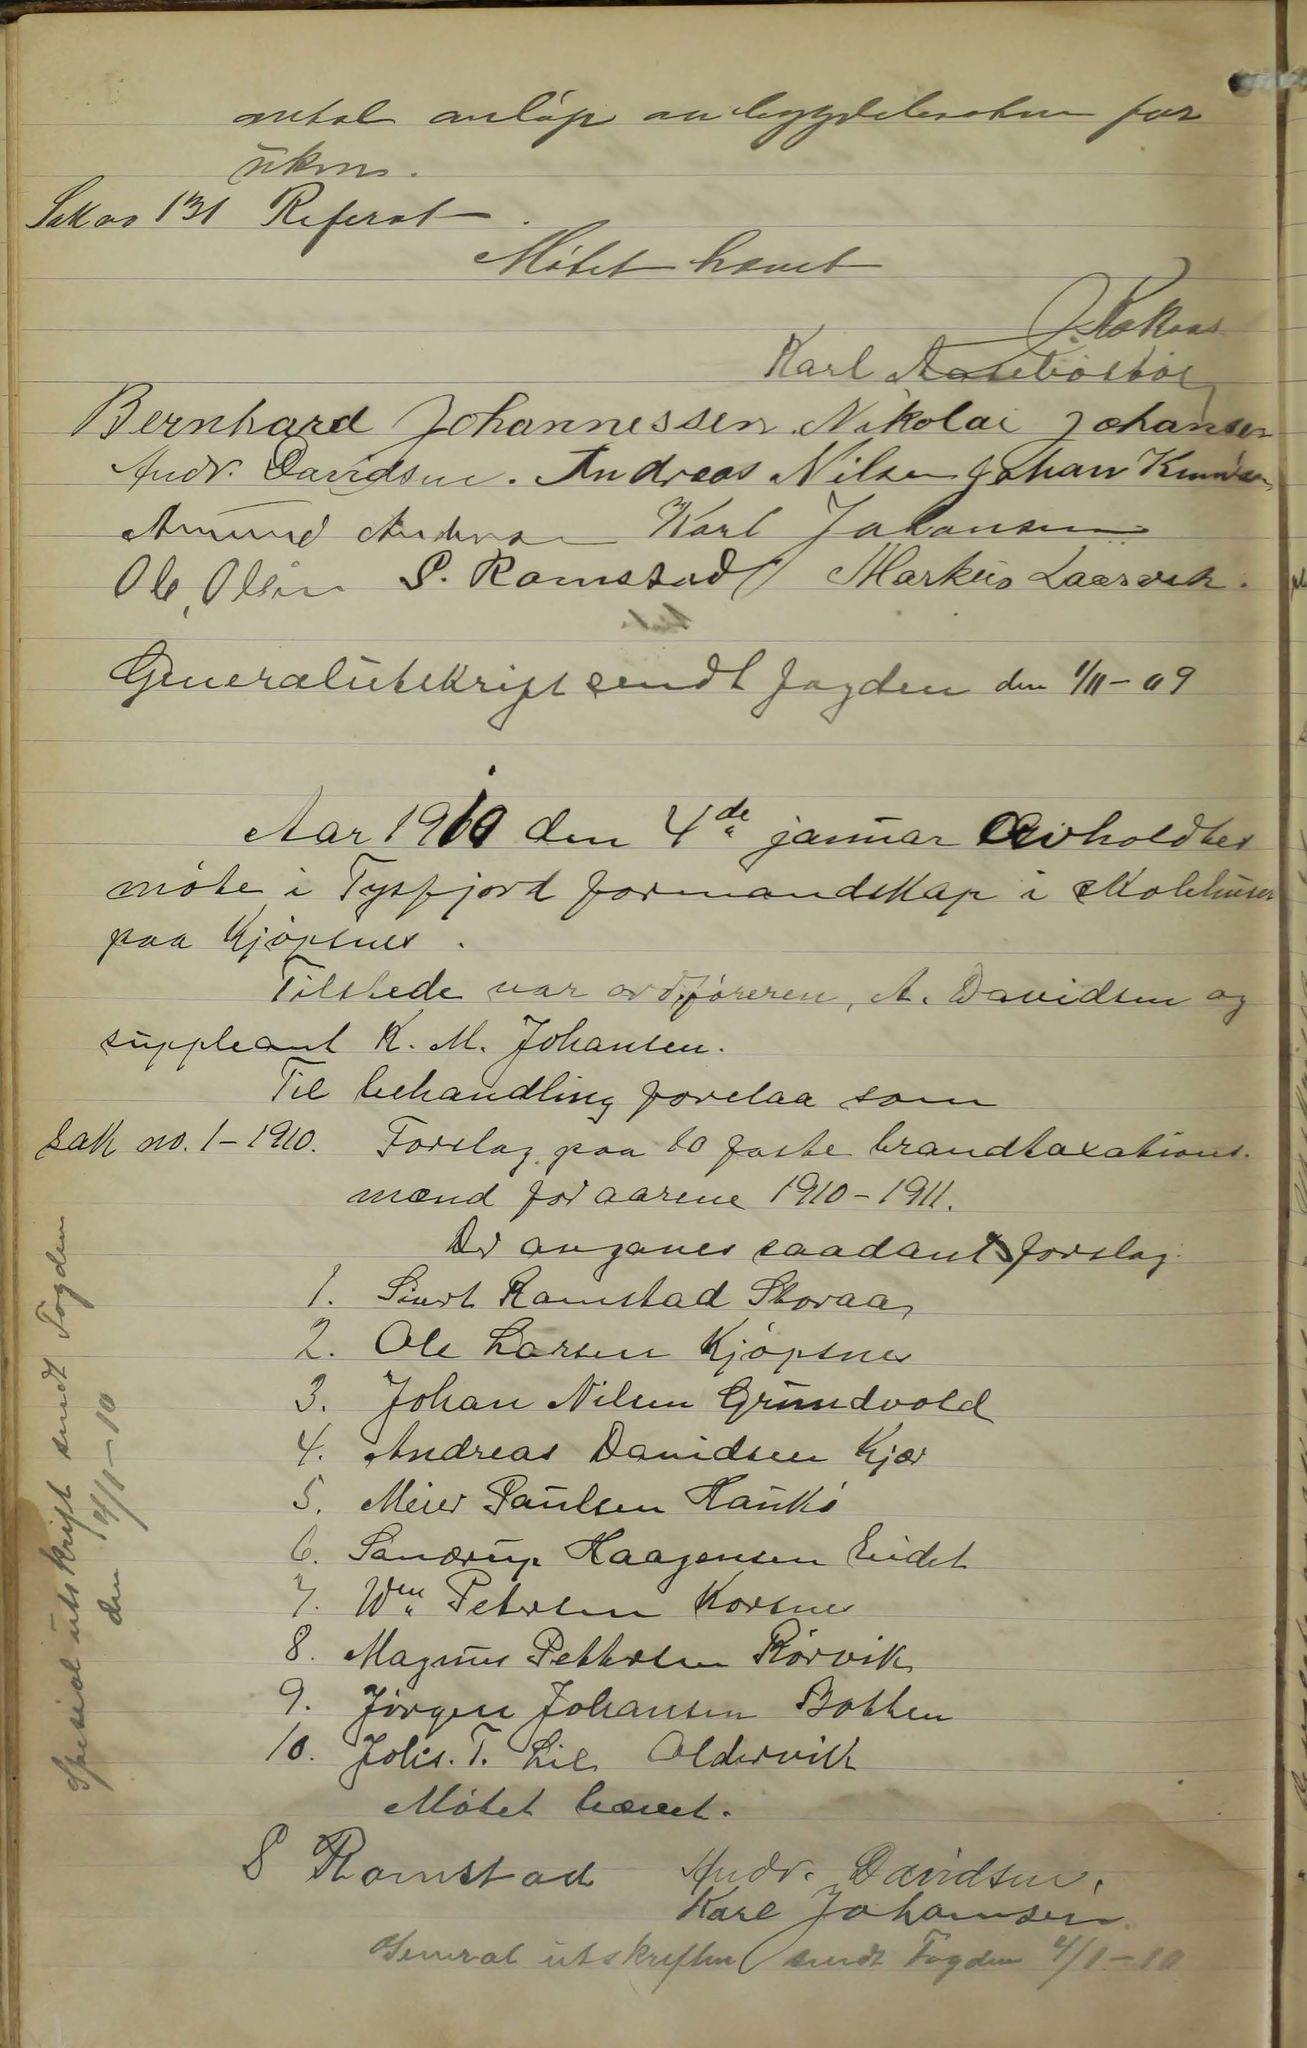 AIN, Tysfjord kommune. Formannskapet, 100/L0002: Forhandlingsprotokoll for Tysfjordens formandskap, 1895-1912, p. 218b